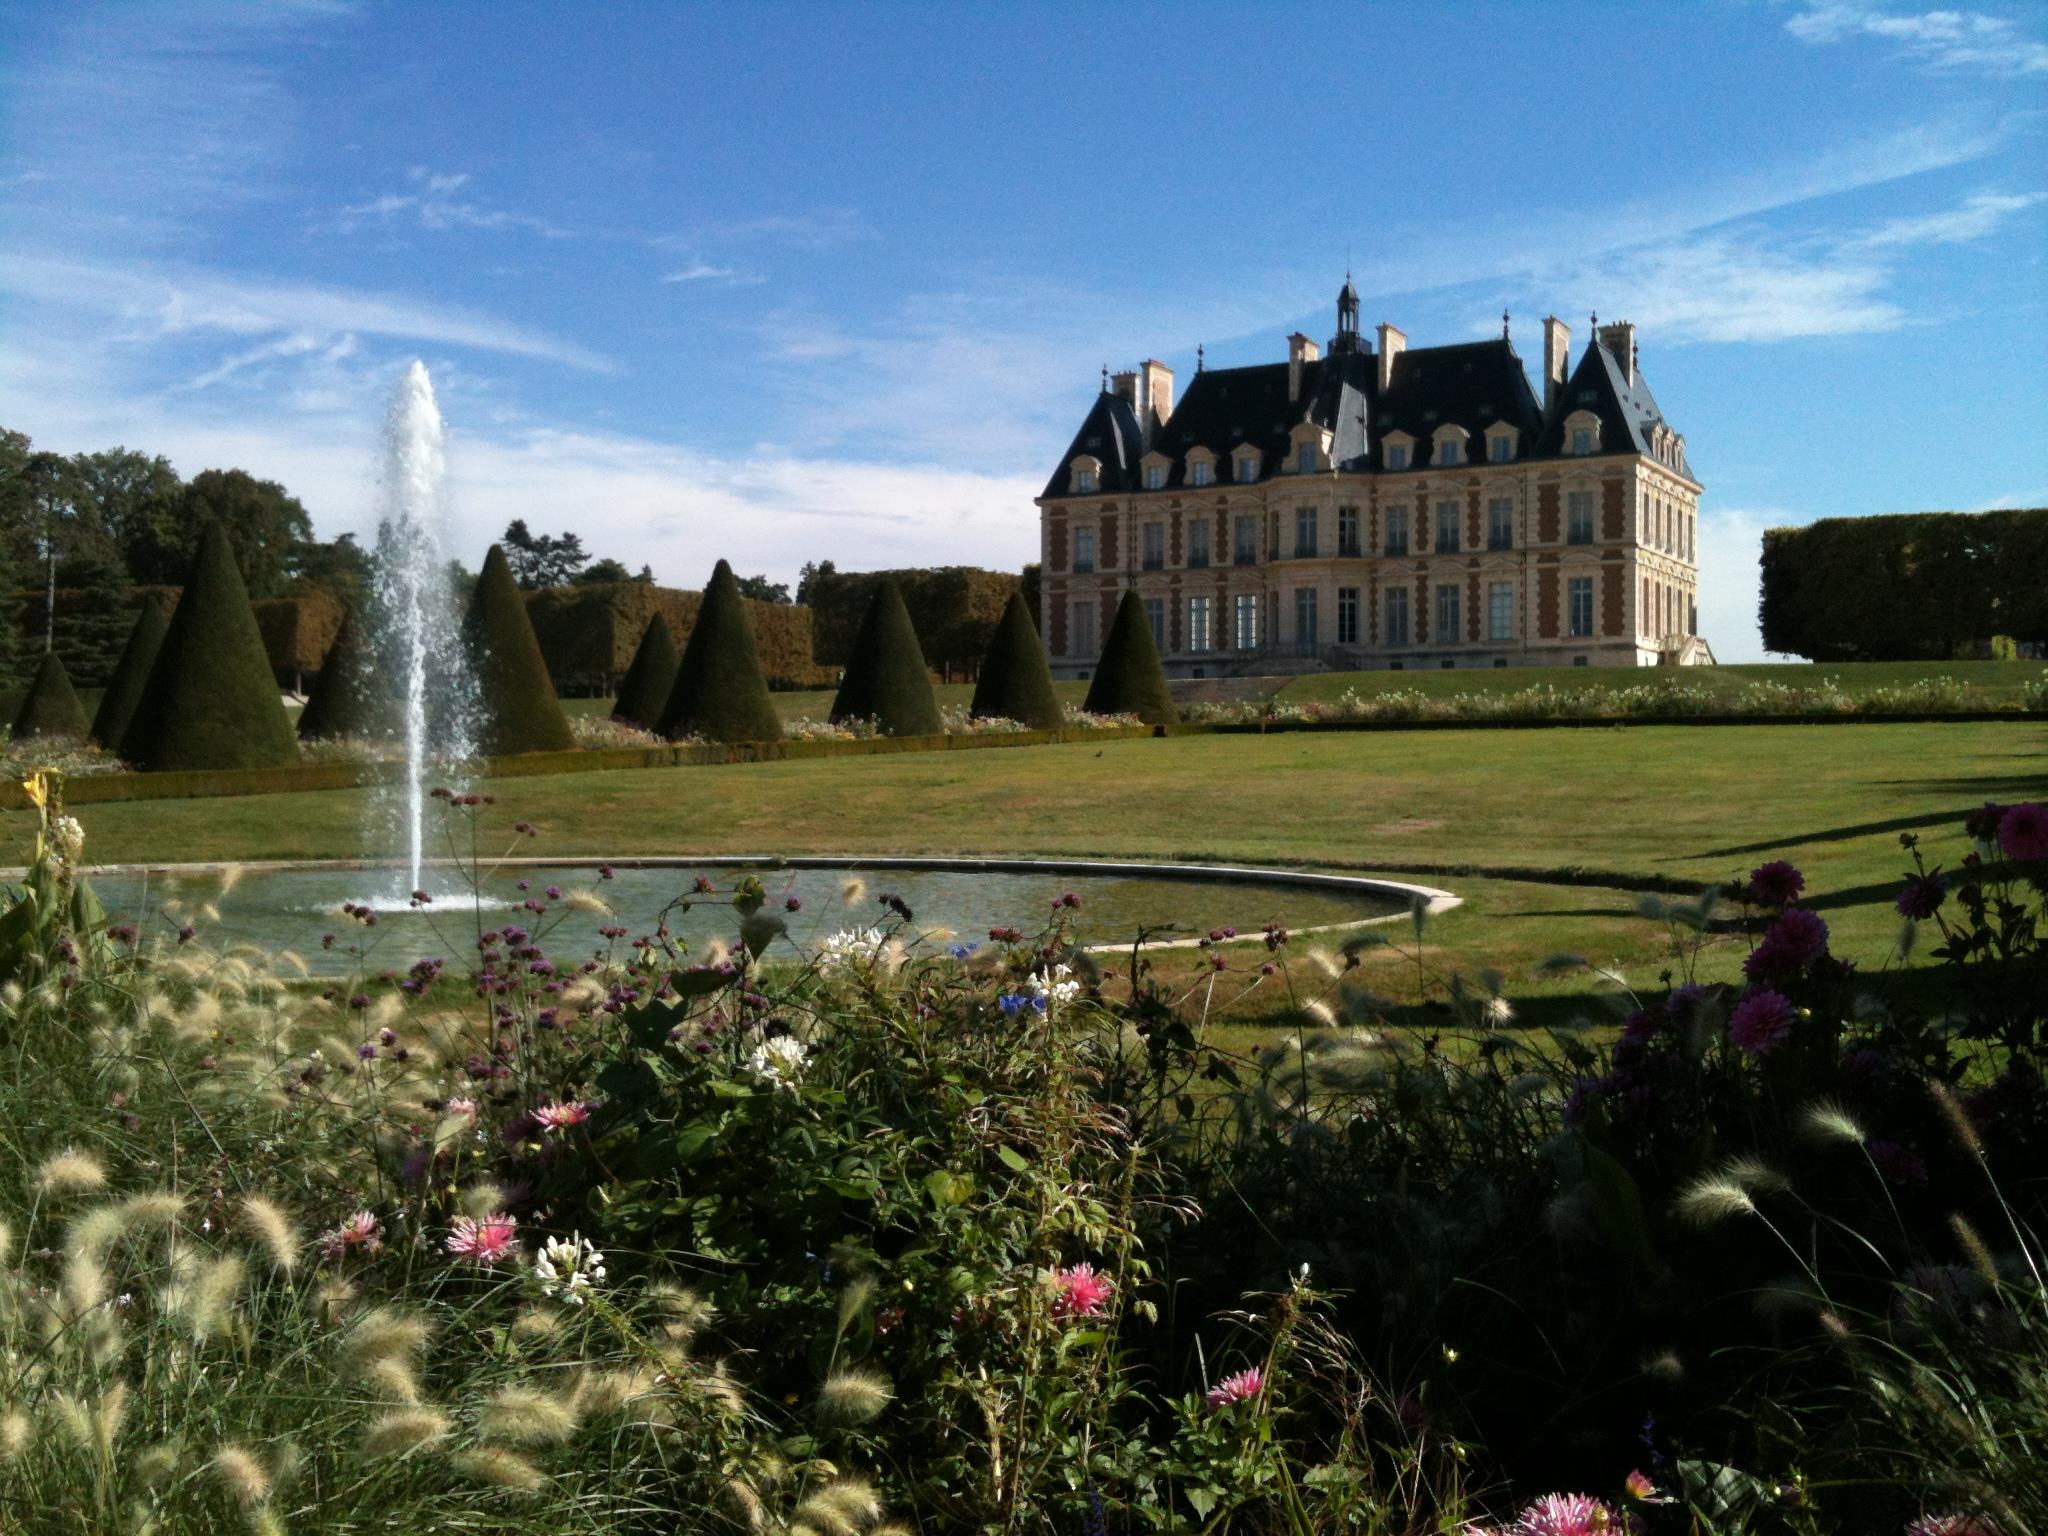 Bien connu Sceaux : trois parcs en un - Enlarge your Paris QO47